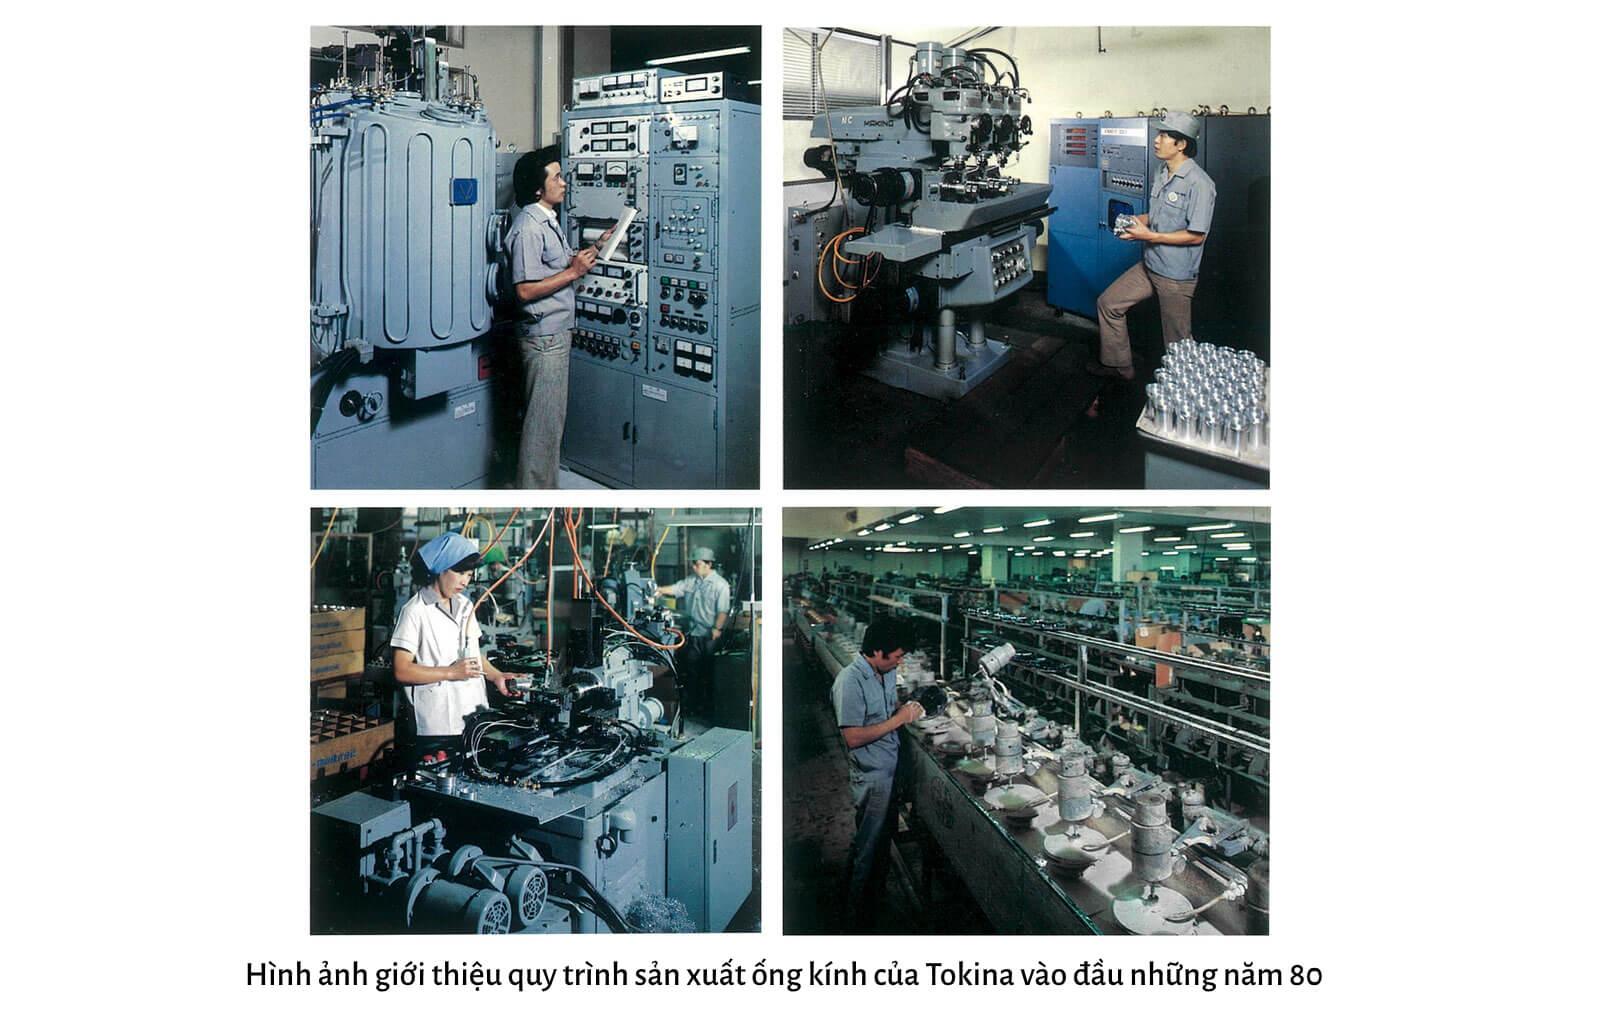 Quy trình sản xuất ống kính Tokina đầu những năm 80